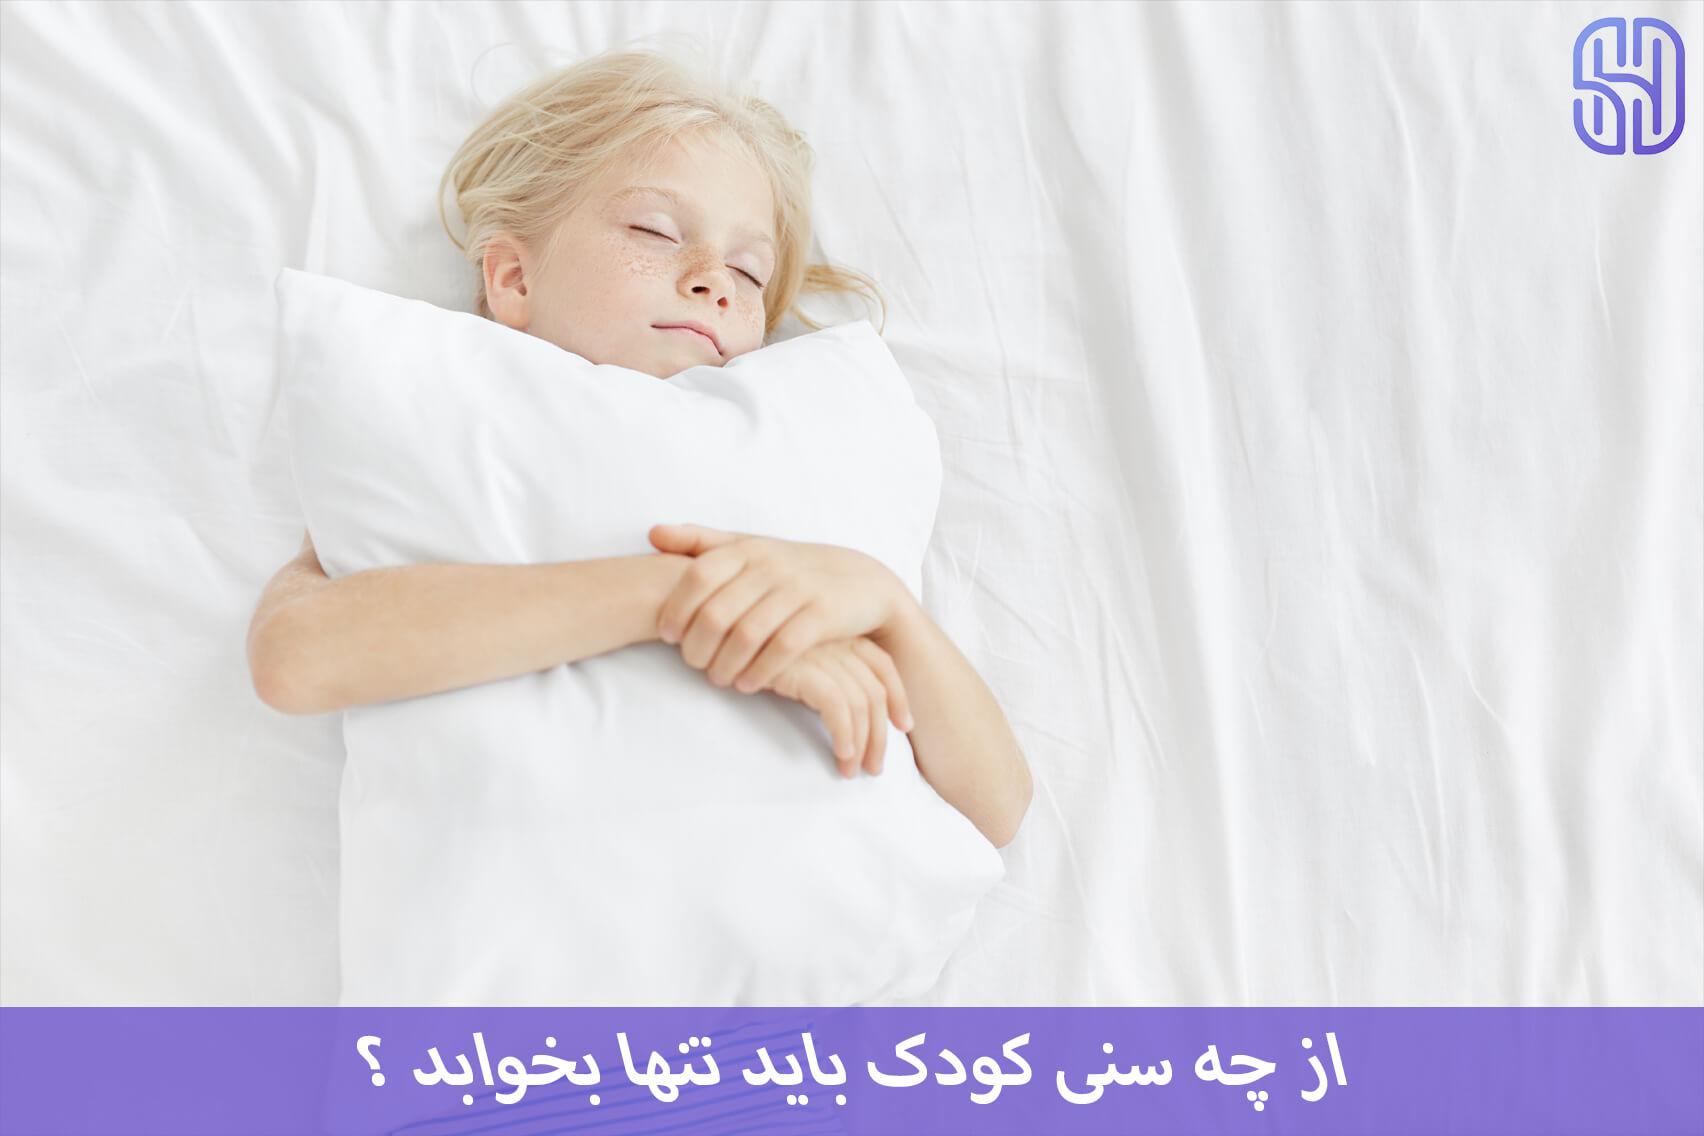 سن تنها خوابیدن کودک